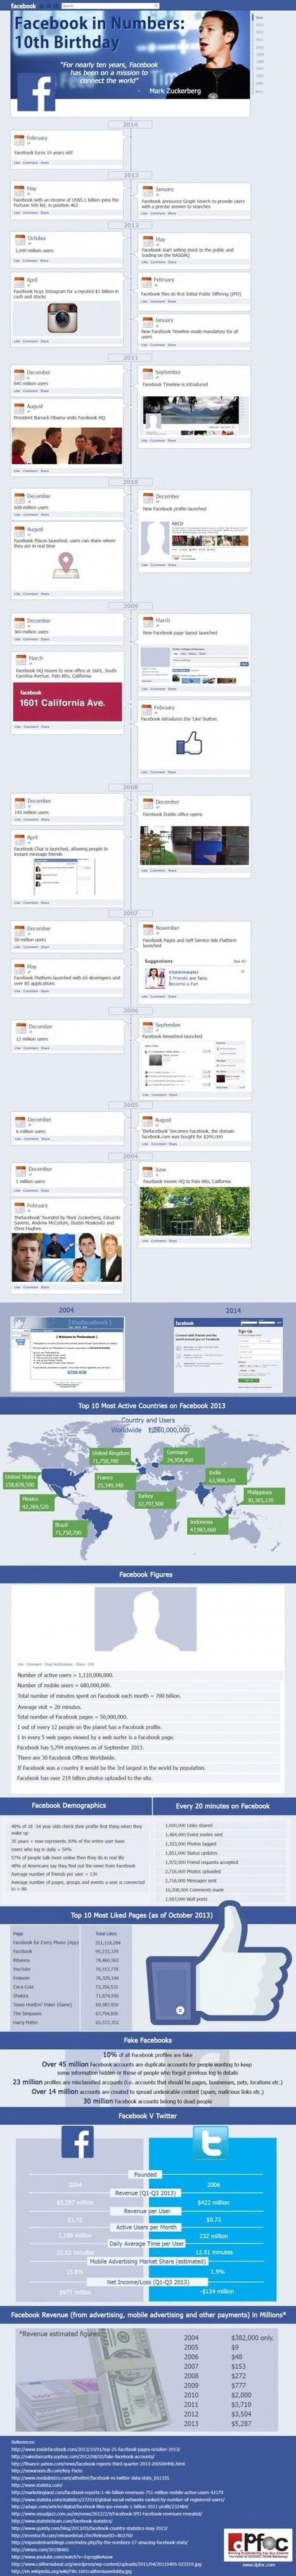 30 Statistiques à Connaître pour les 10 ans de Facebook | Think Digital - Tendances et usages des médias sociaux | Scoop.it